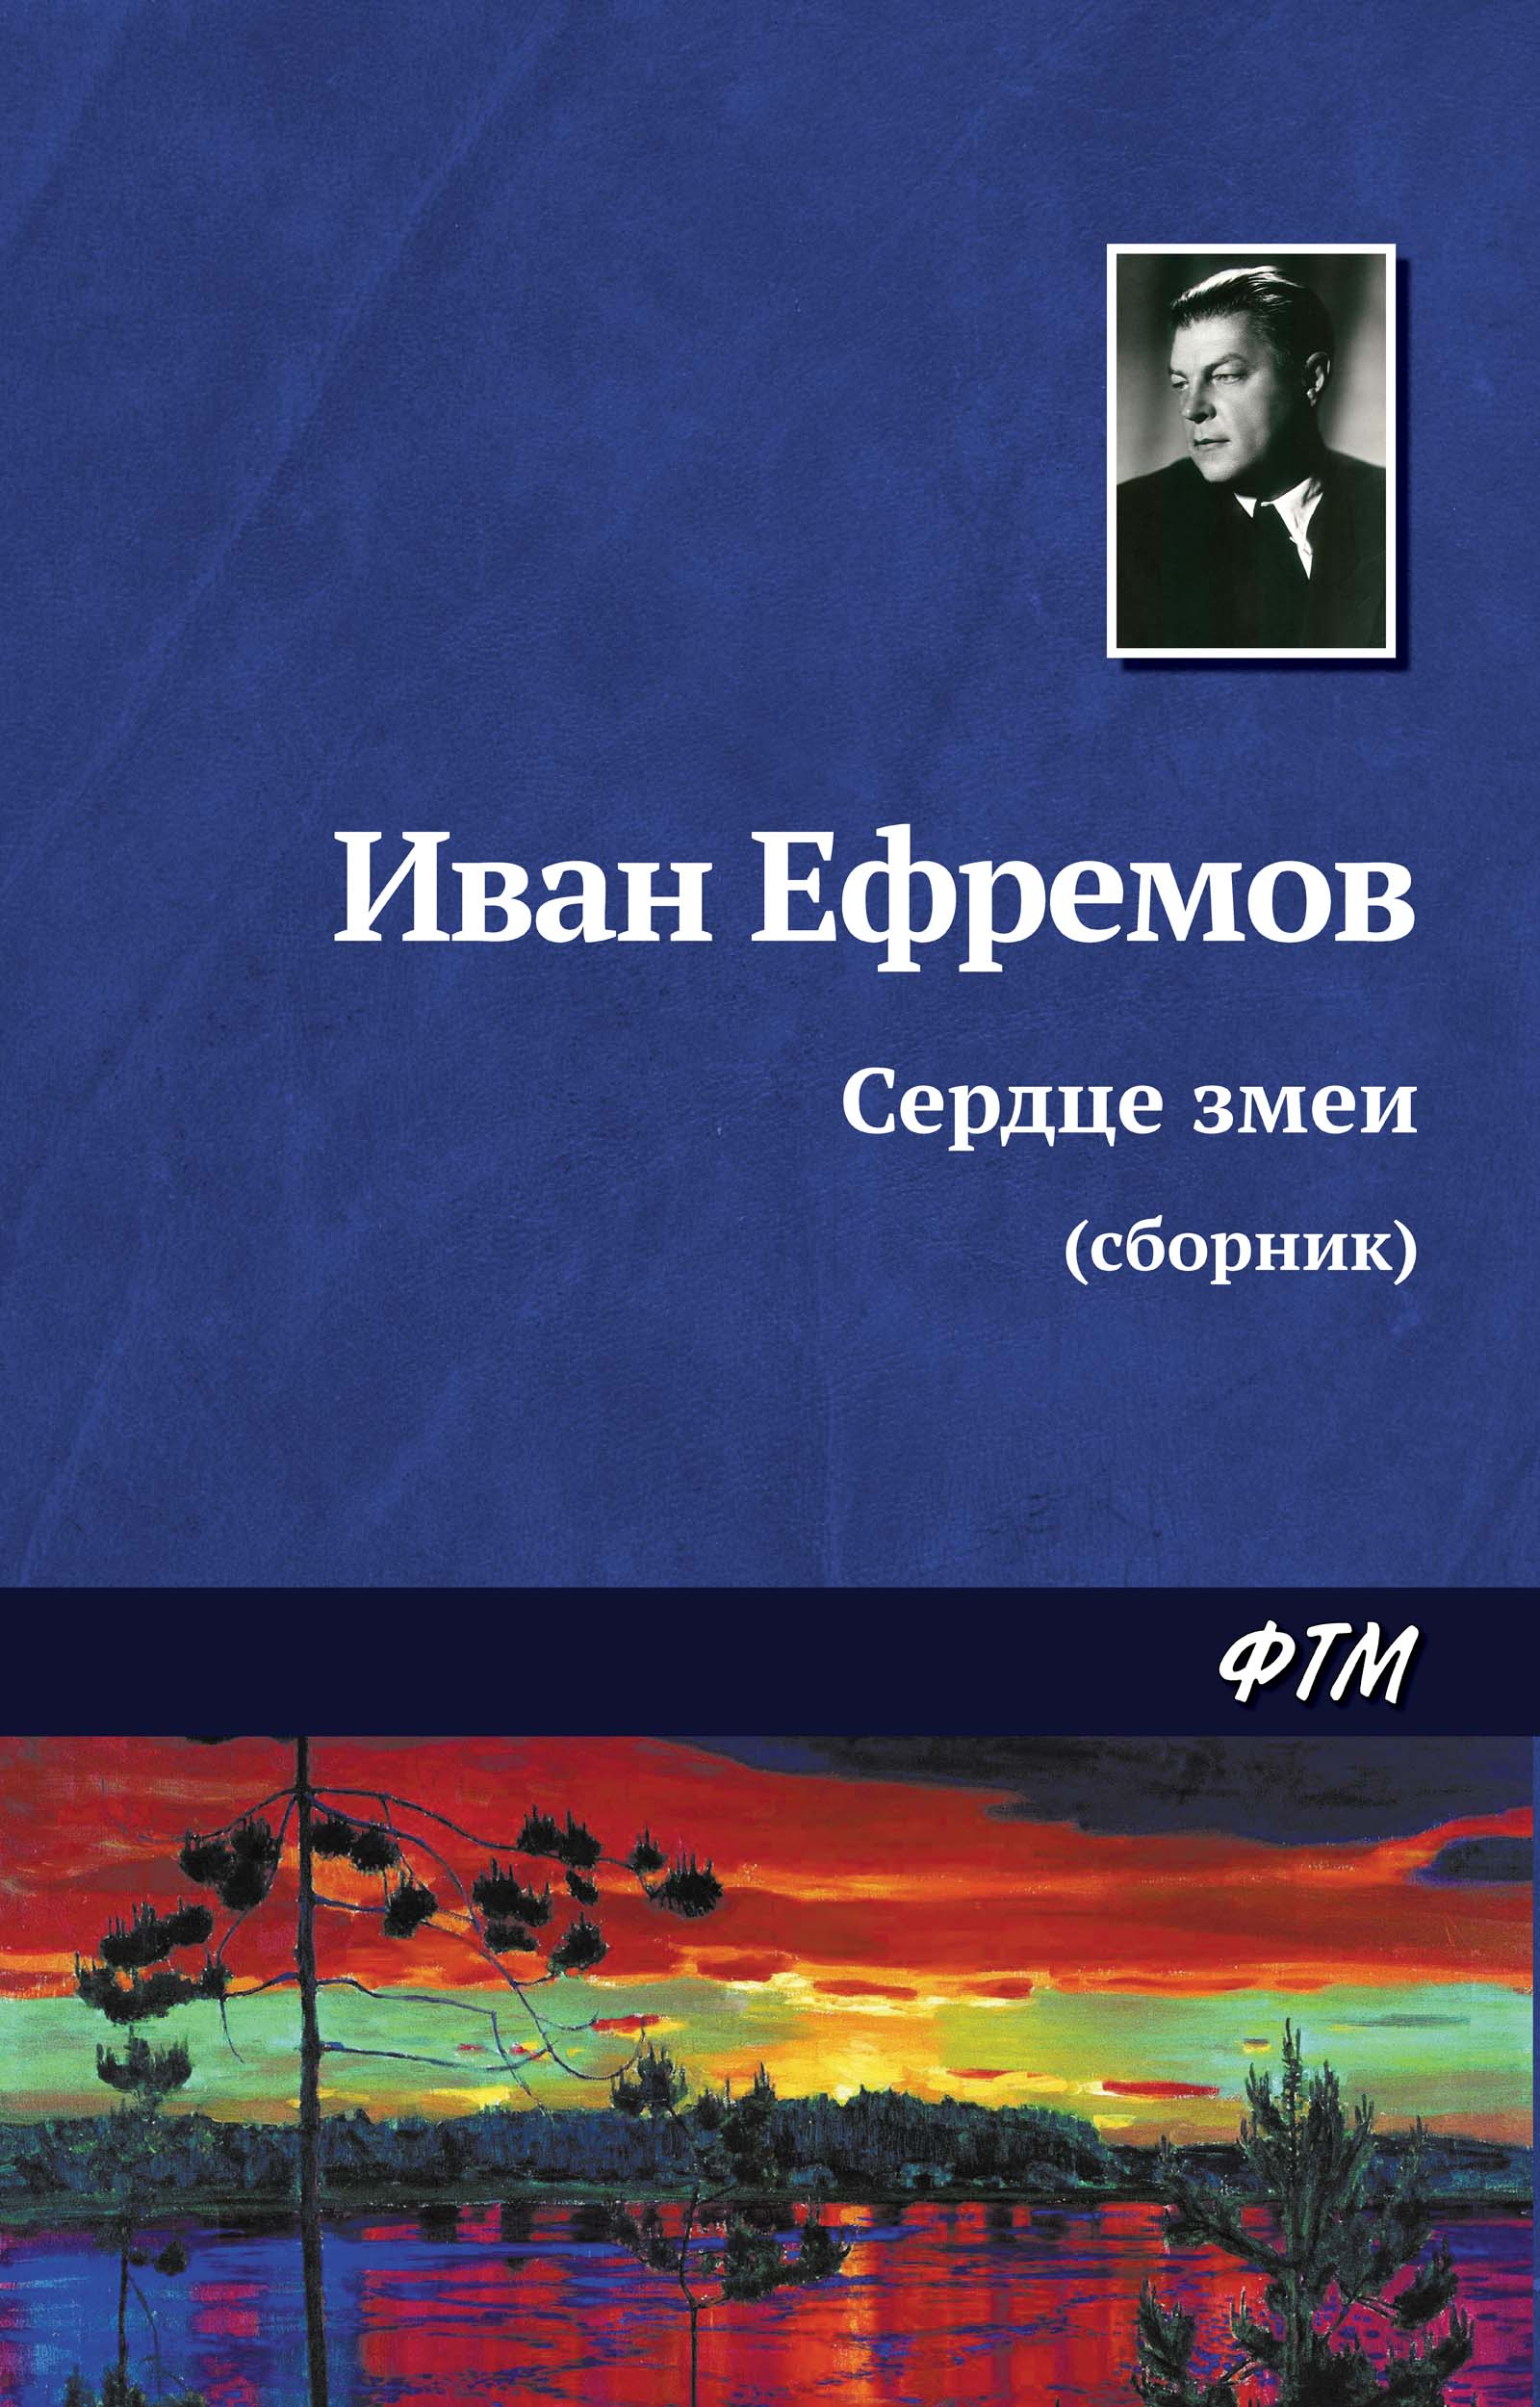 Иван Ефремов Сердце змеи (сборник) катти сарк